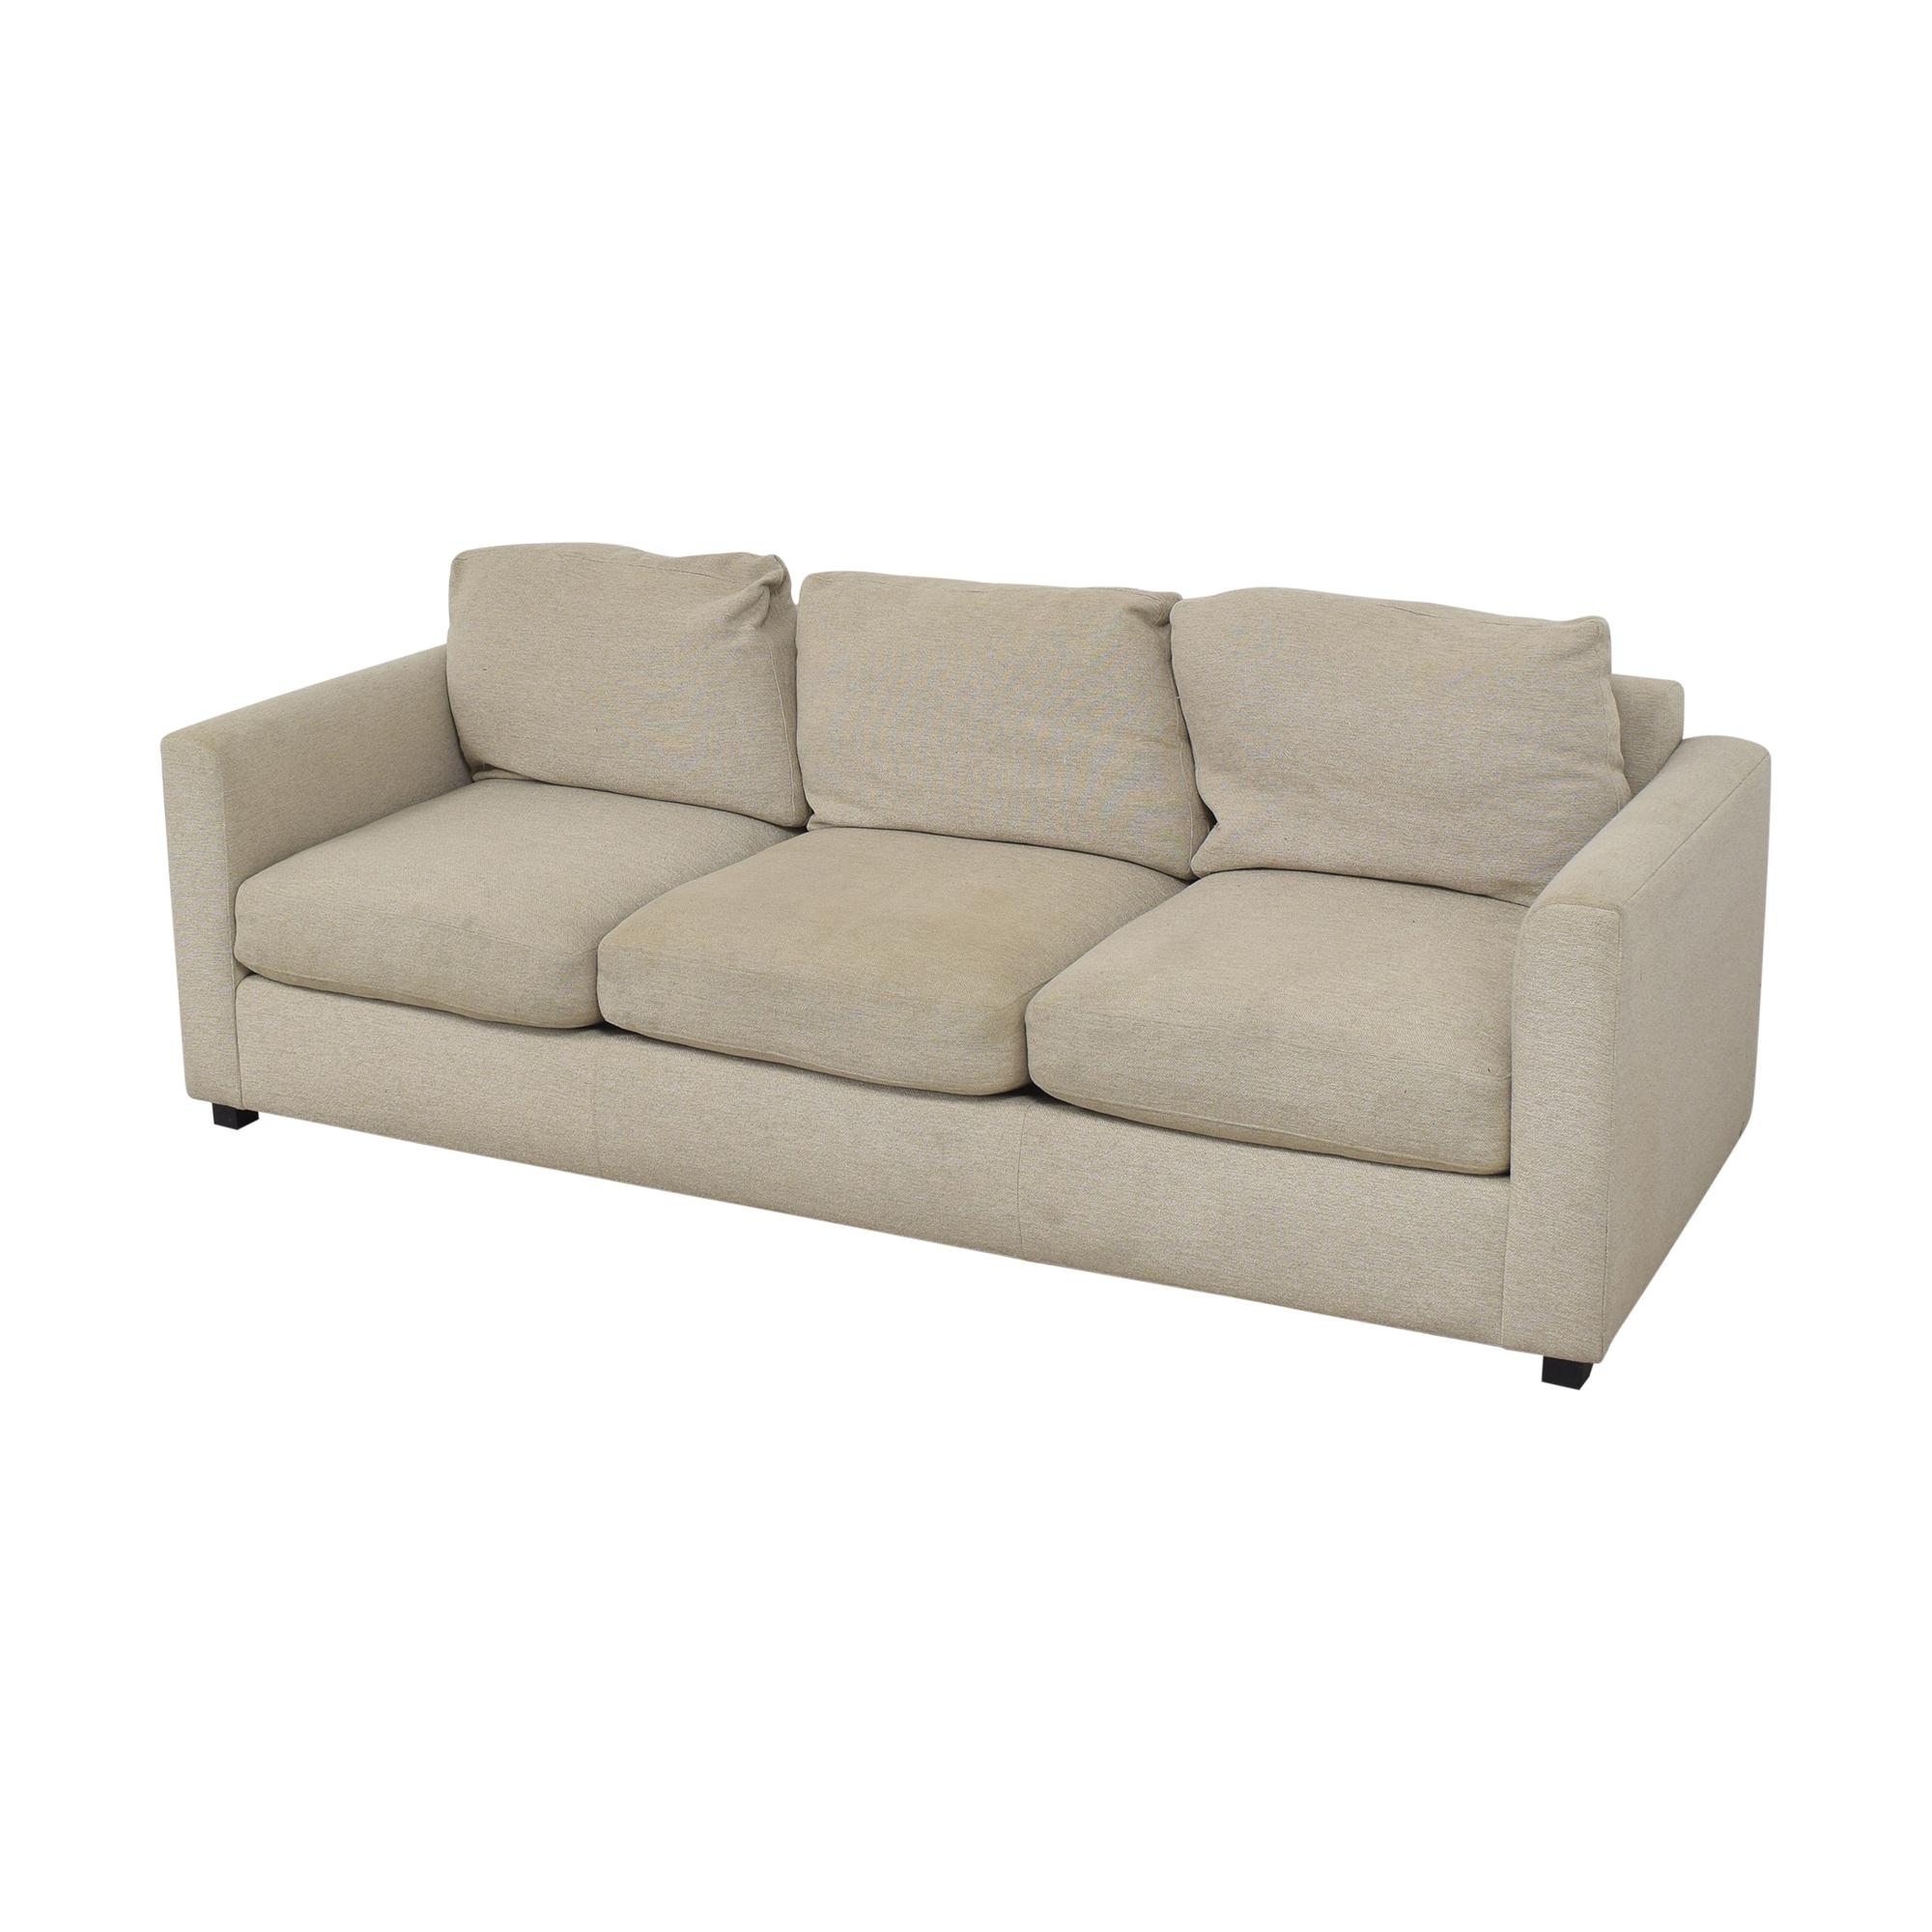 buy Room & Board Three Cushion Sofa Room & Board